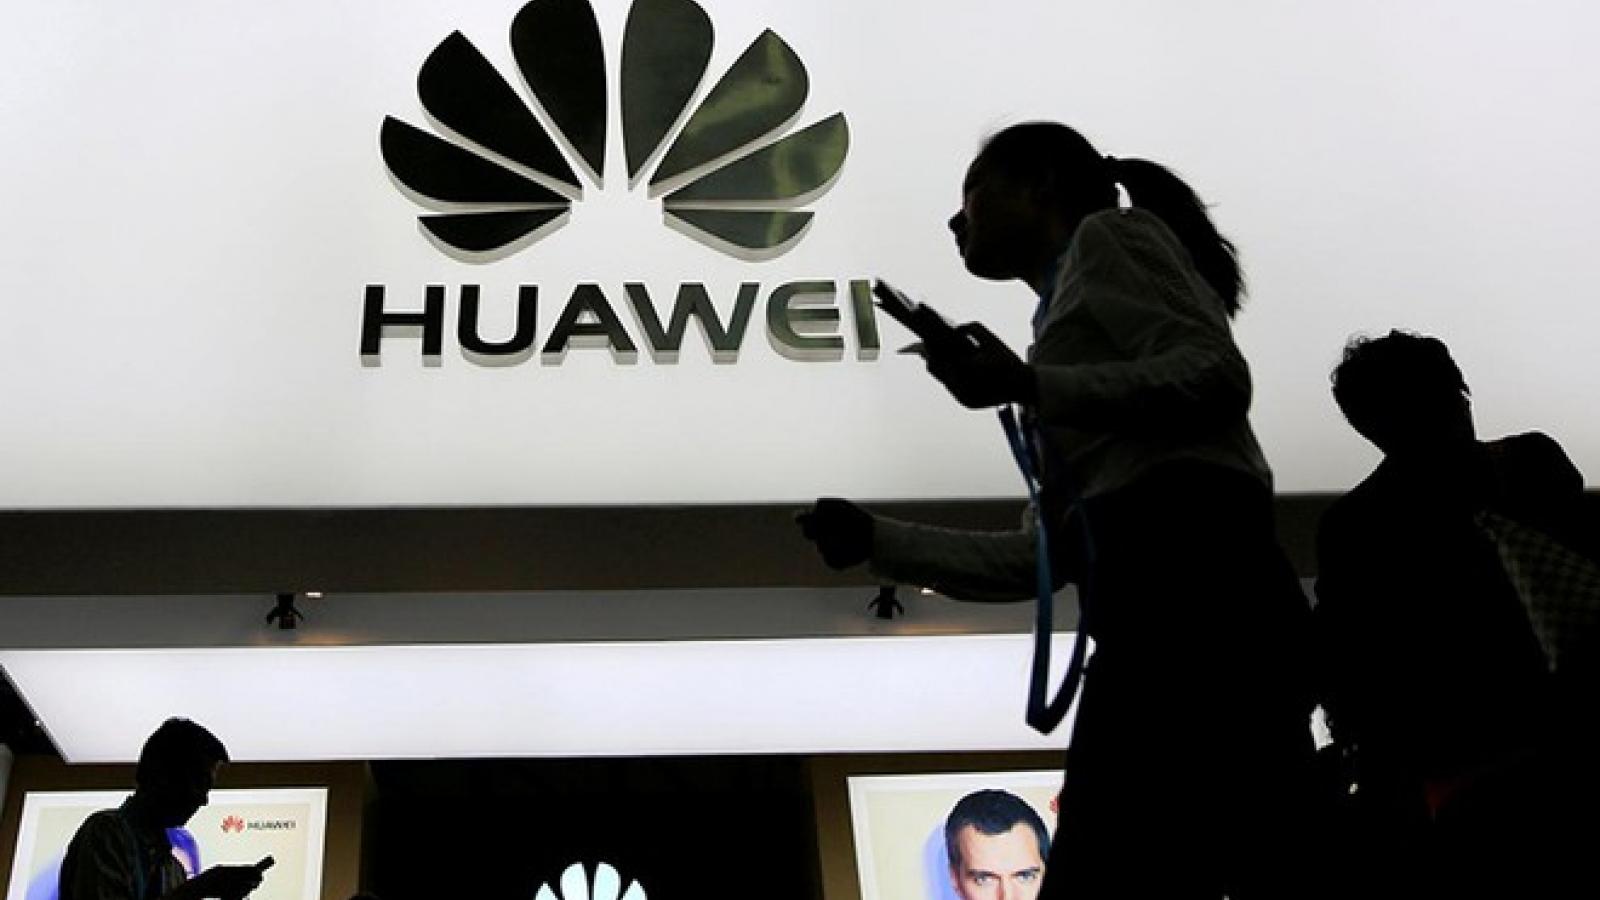 Ericsson phản đối lệnh cấm Huawei tại Thụy Điển